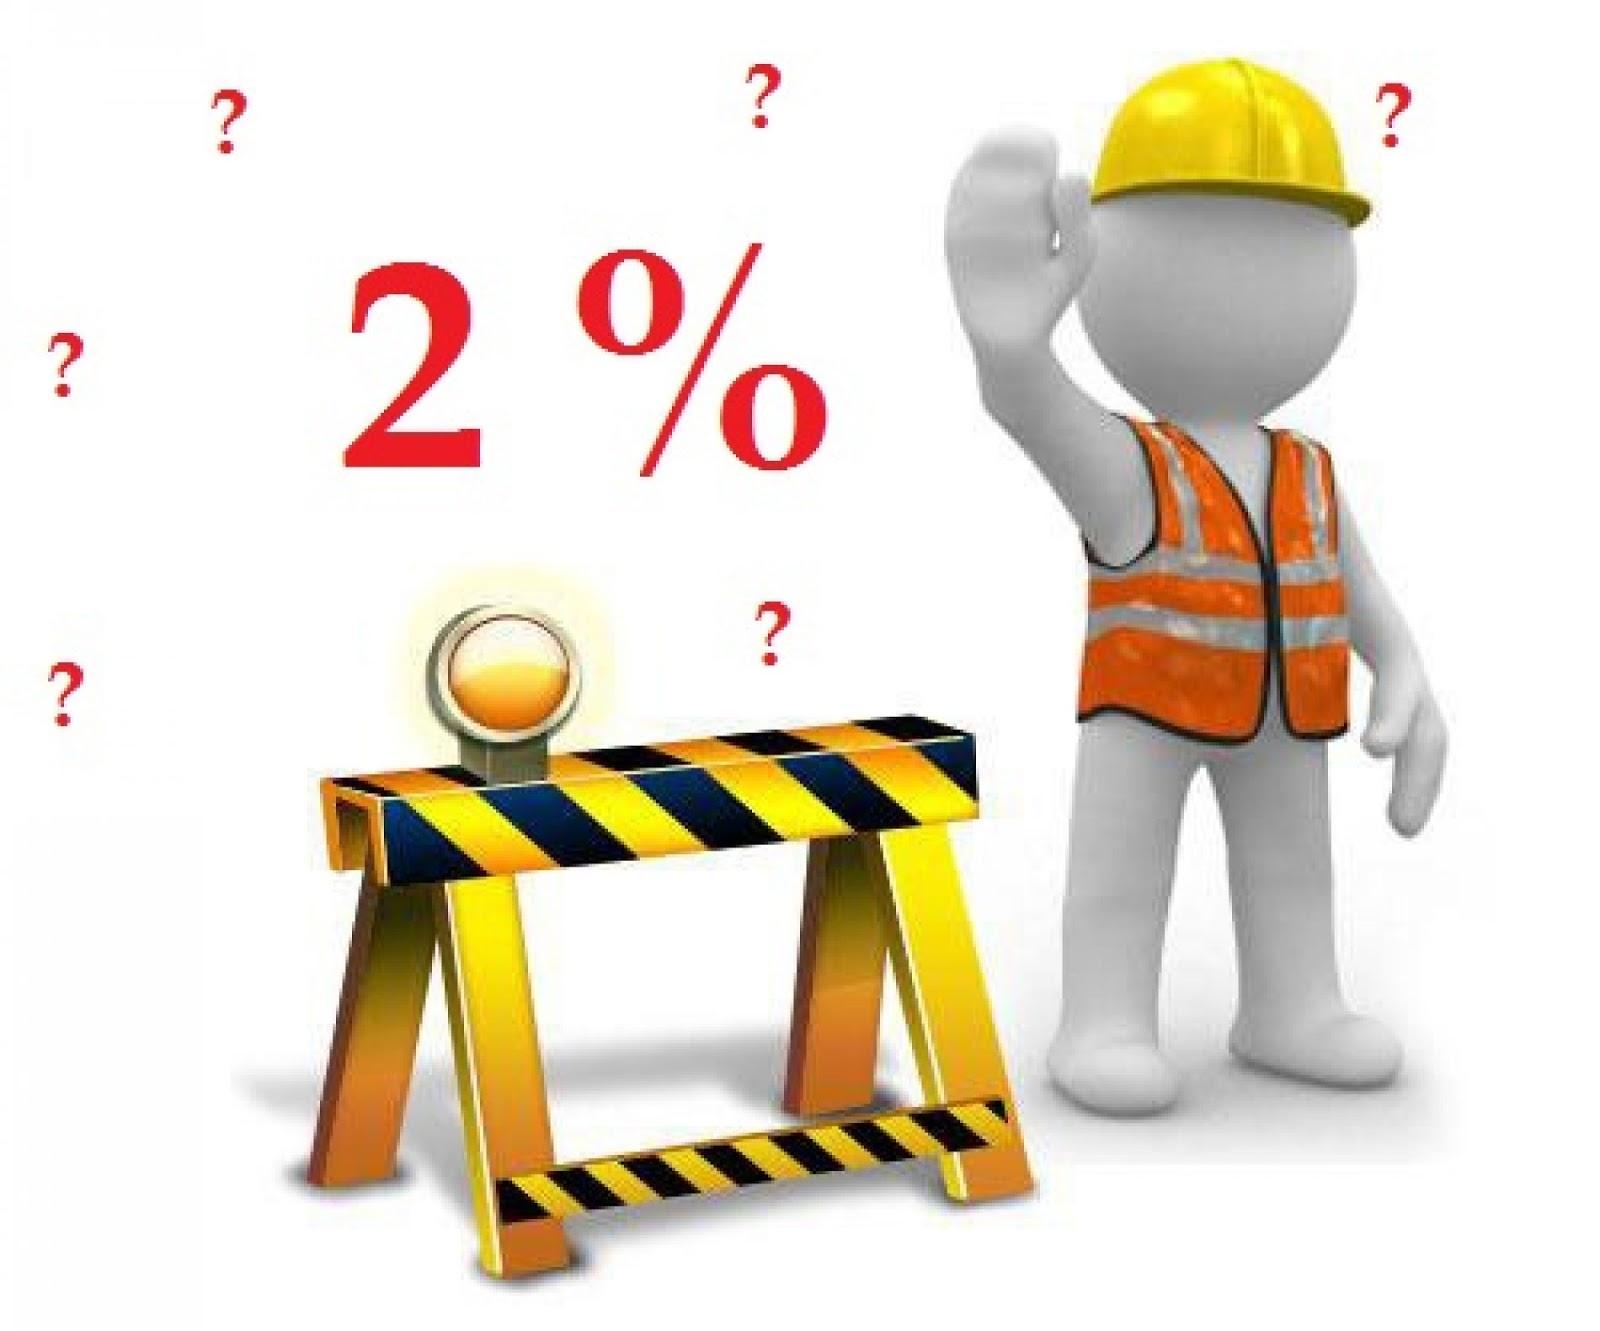 phí bảo trì căn hộ là gì - Phí bảo trì căn hộ là gì và phải đóng bao nhiêu ?